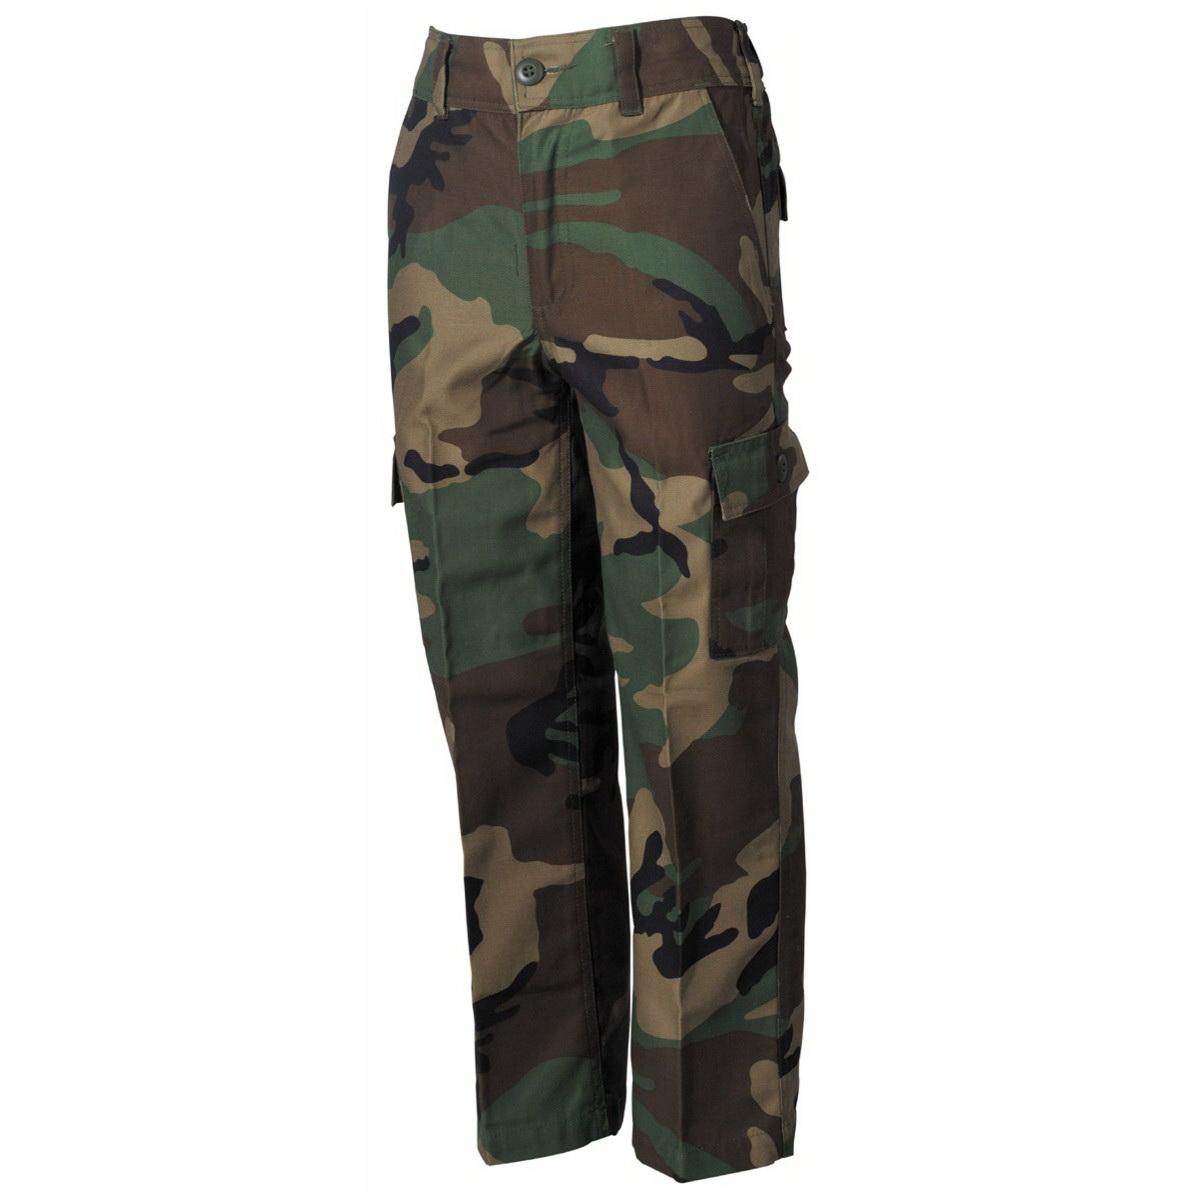 pantalone woodlend